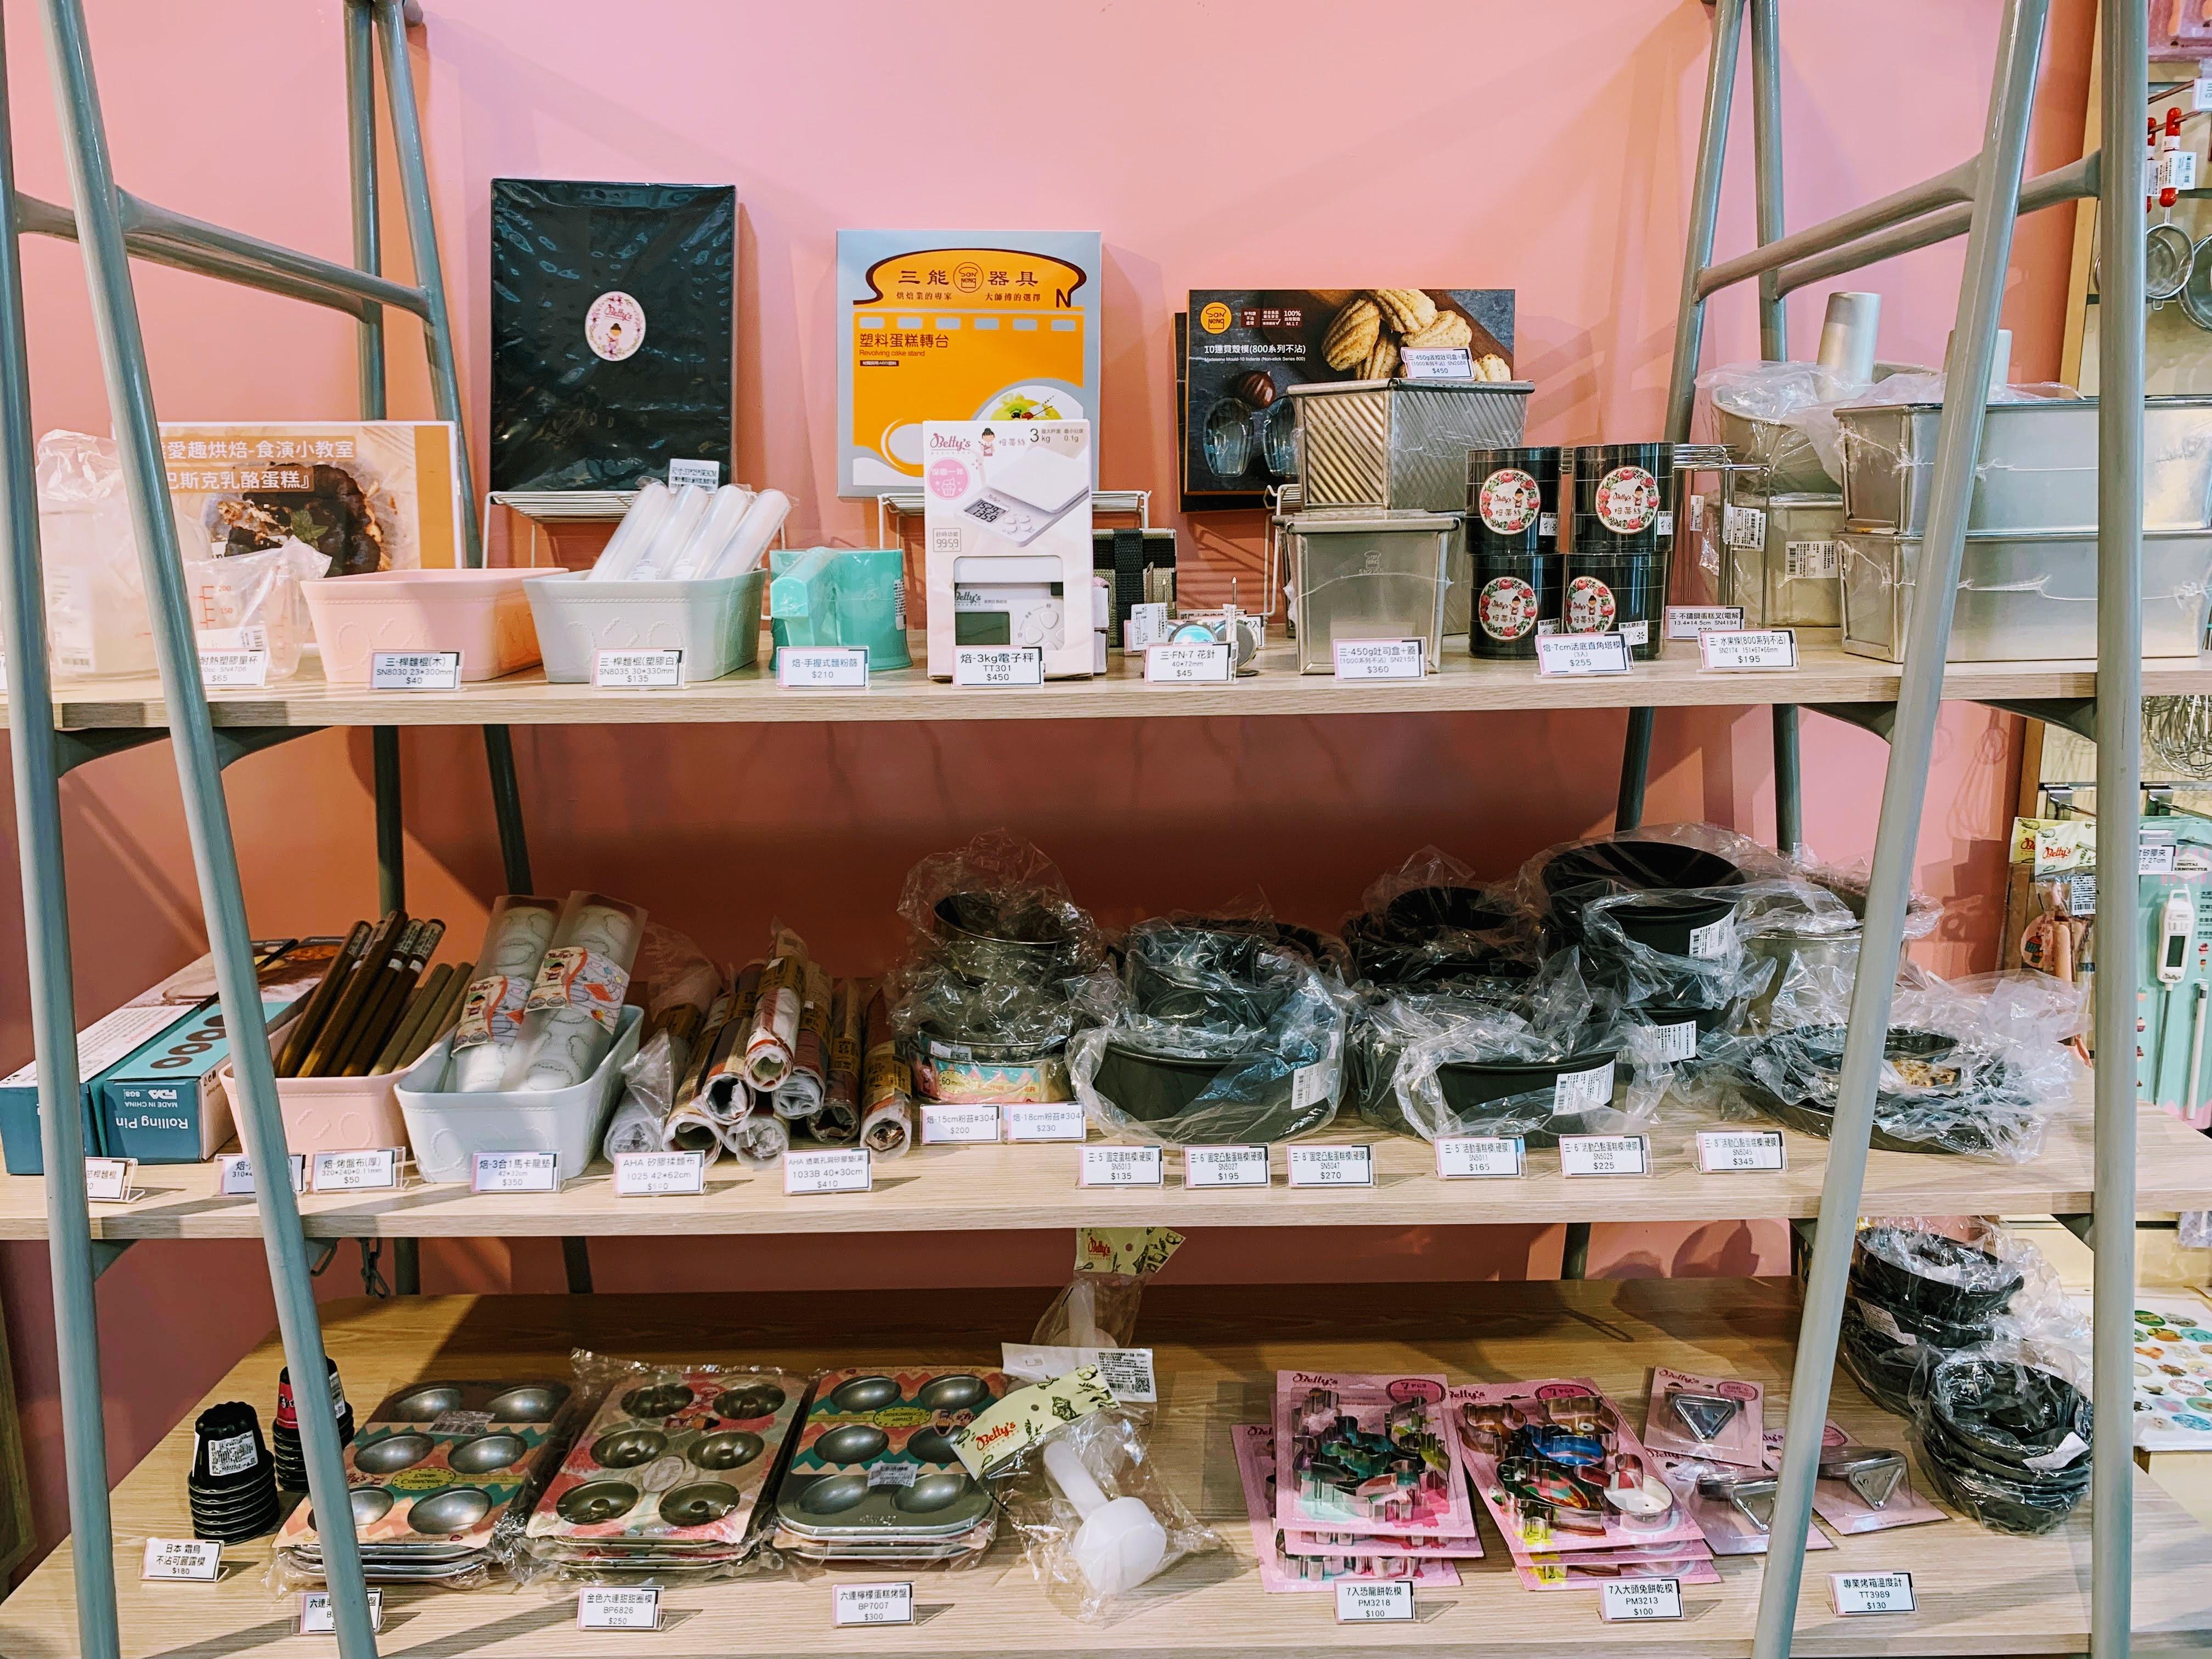 [台南][中西區]熊愛趣烘焙材料器具|熱愛烘焙的小熊為大家精心挑選好品質原料|小包裝烘焙材料|DIY烘焙材料包在家簡單享受烘焙樂趣